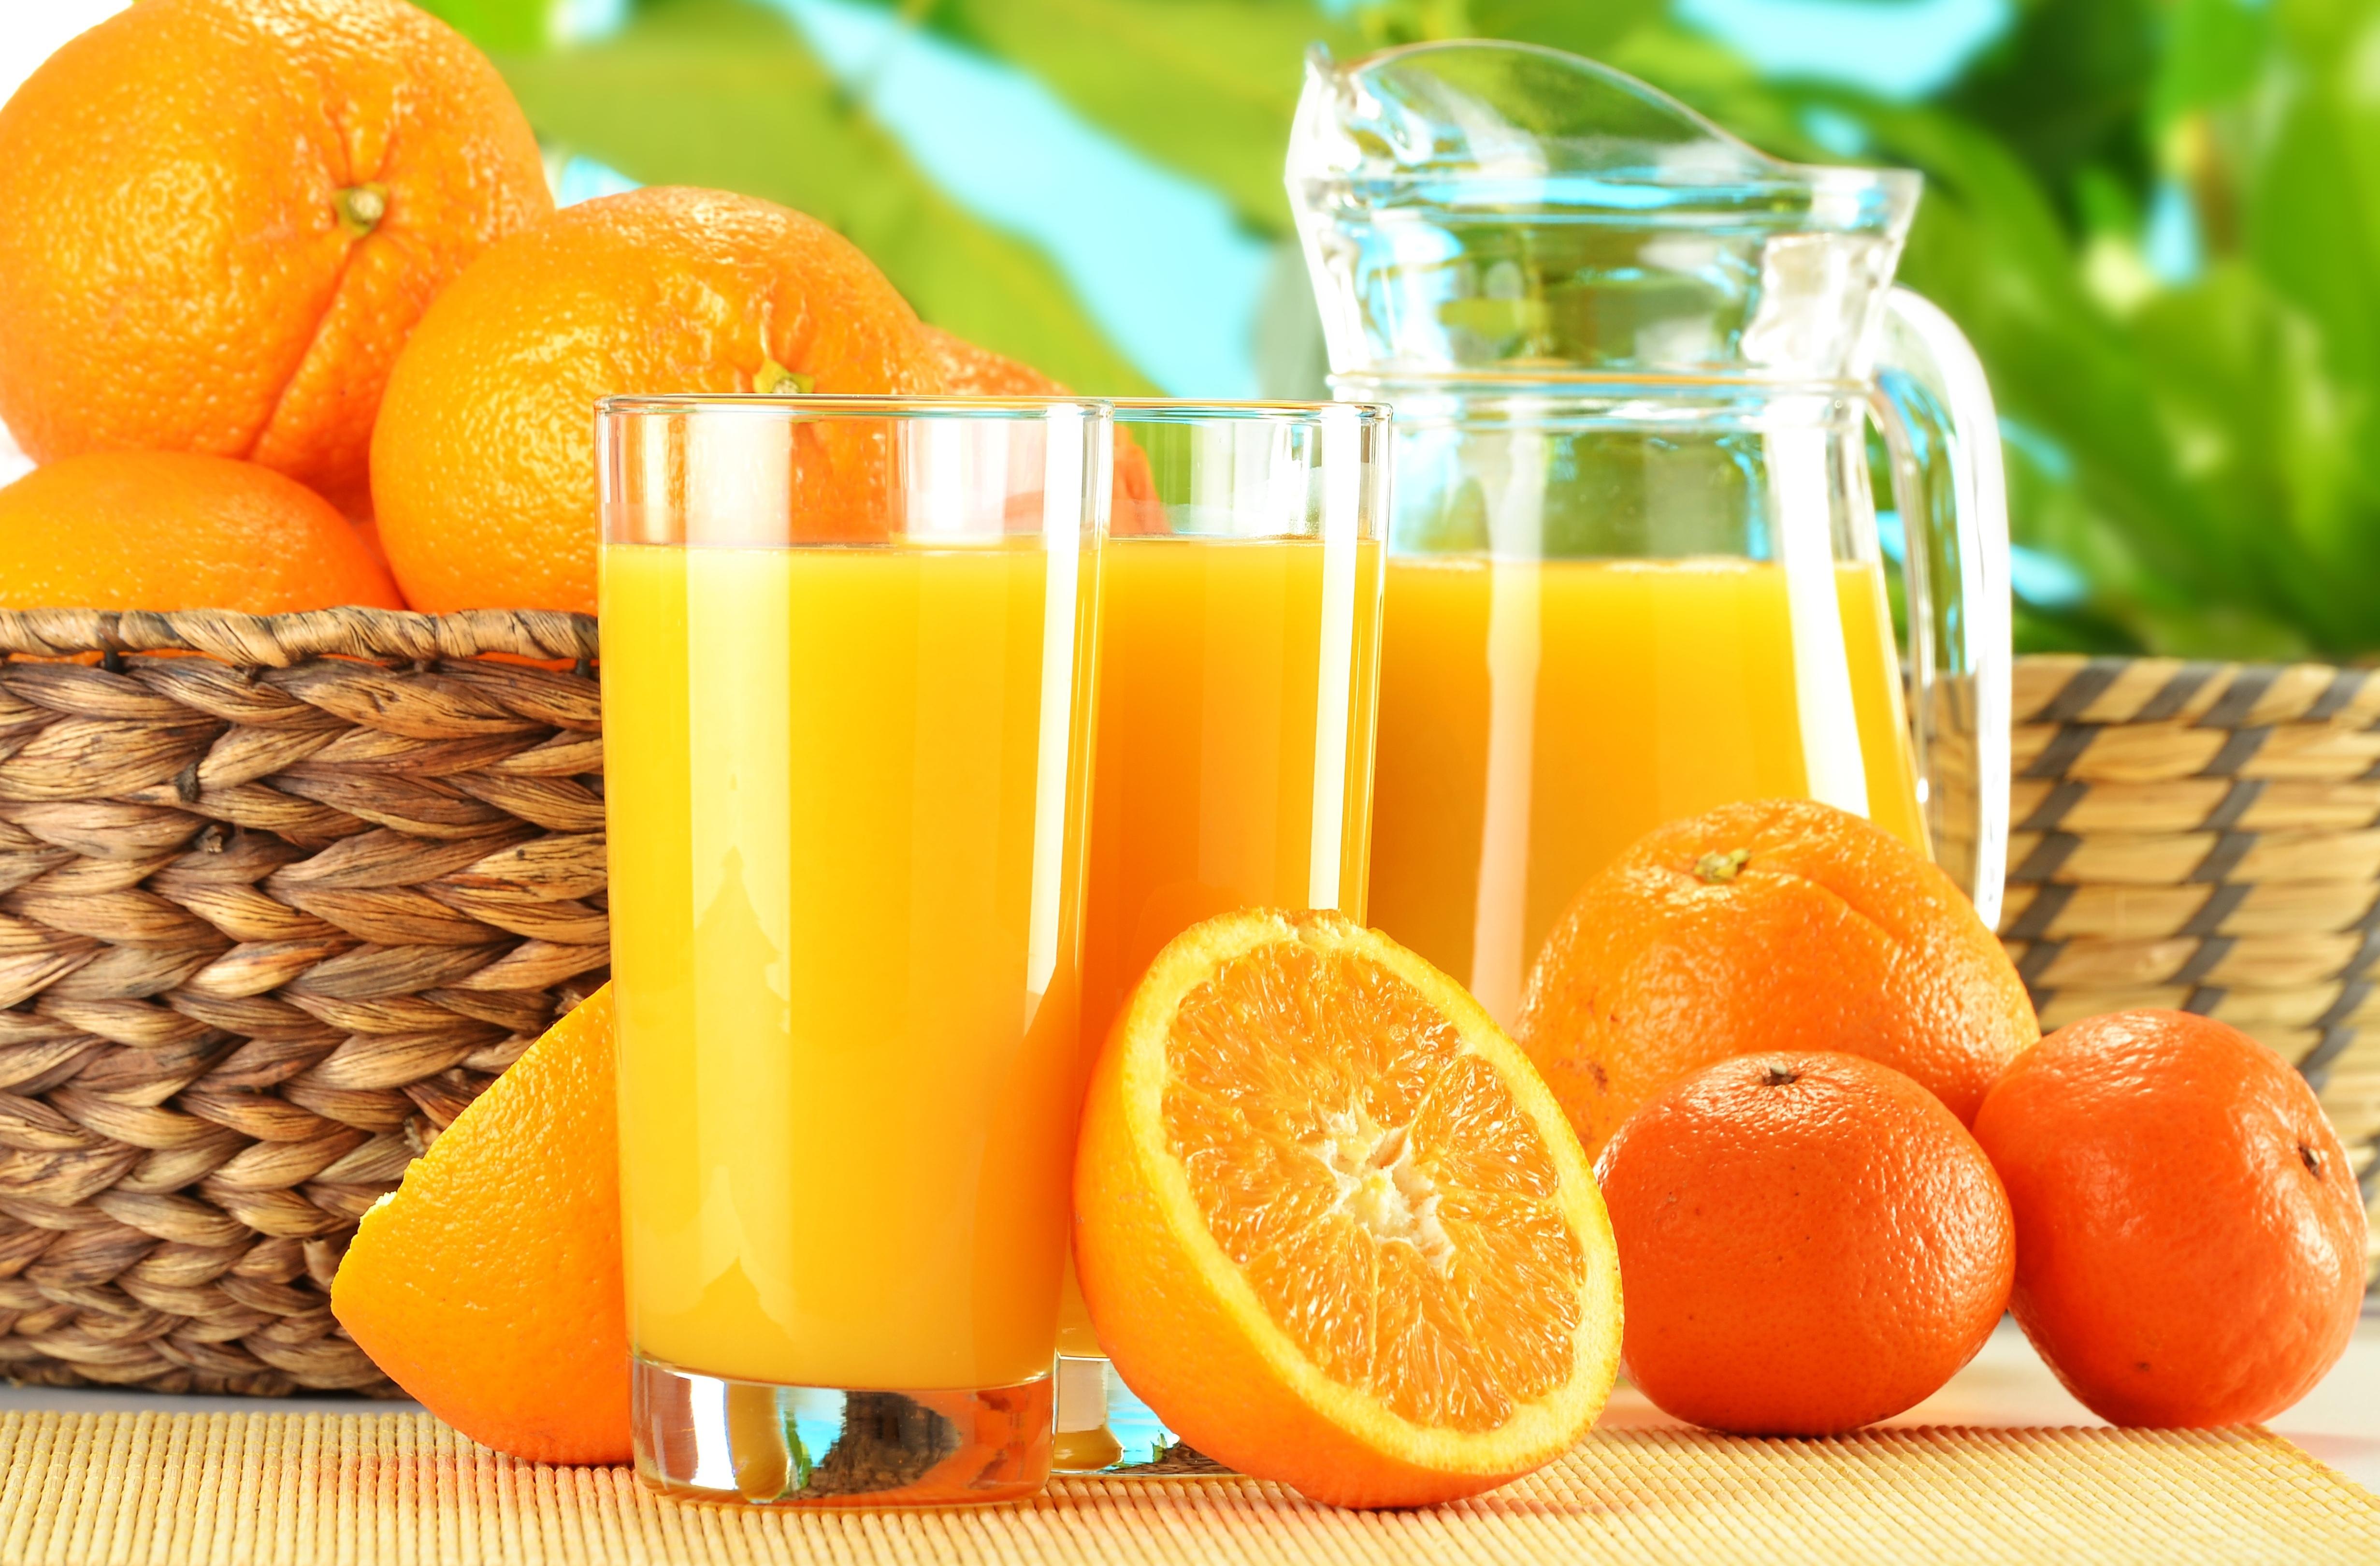 Апельсин Orange  № 2933021 загрузить